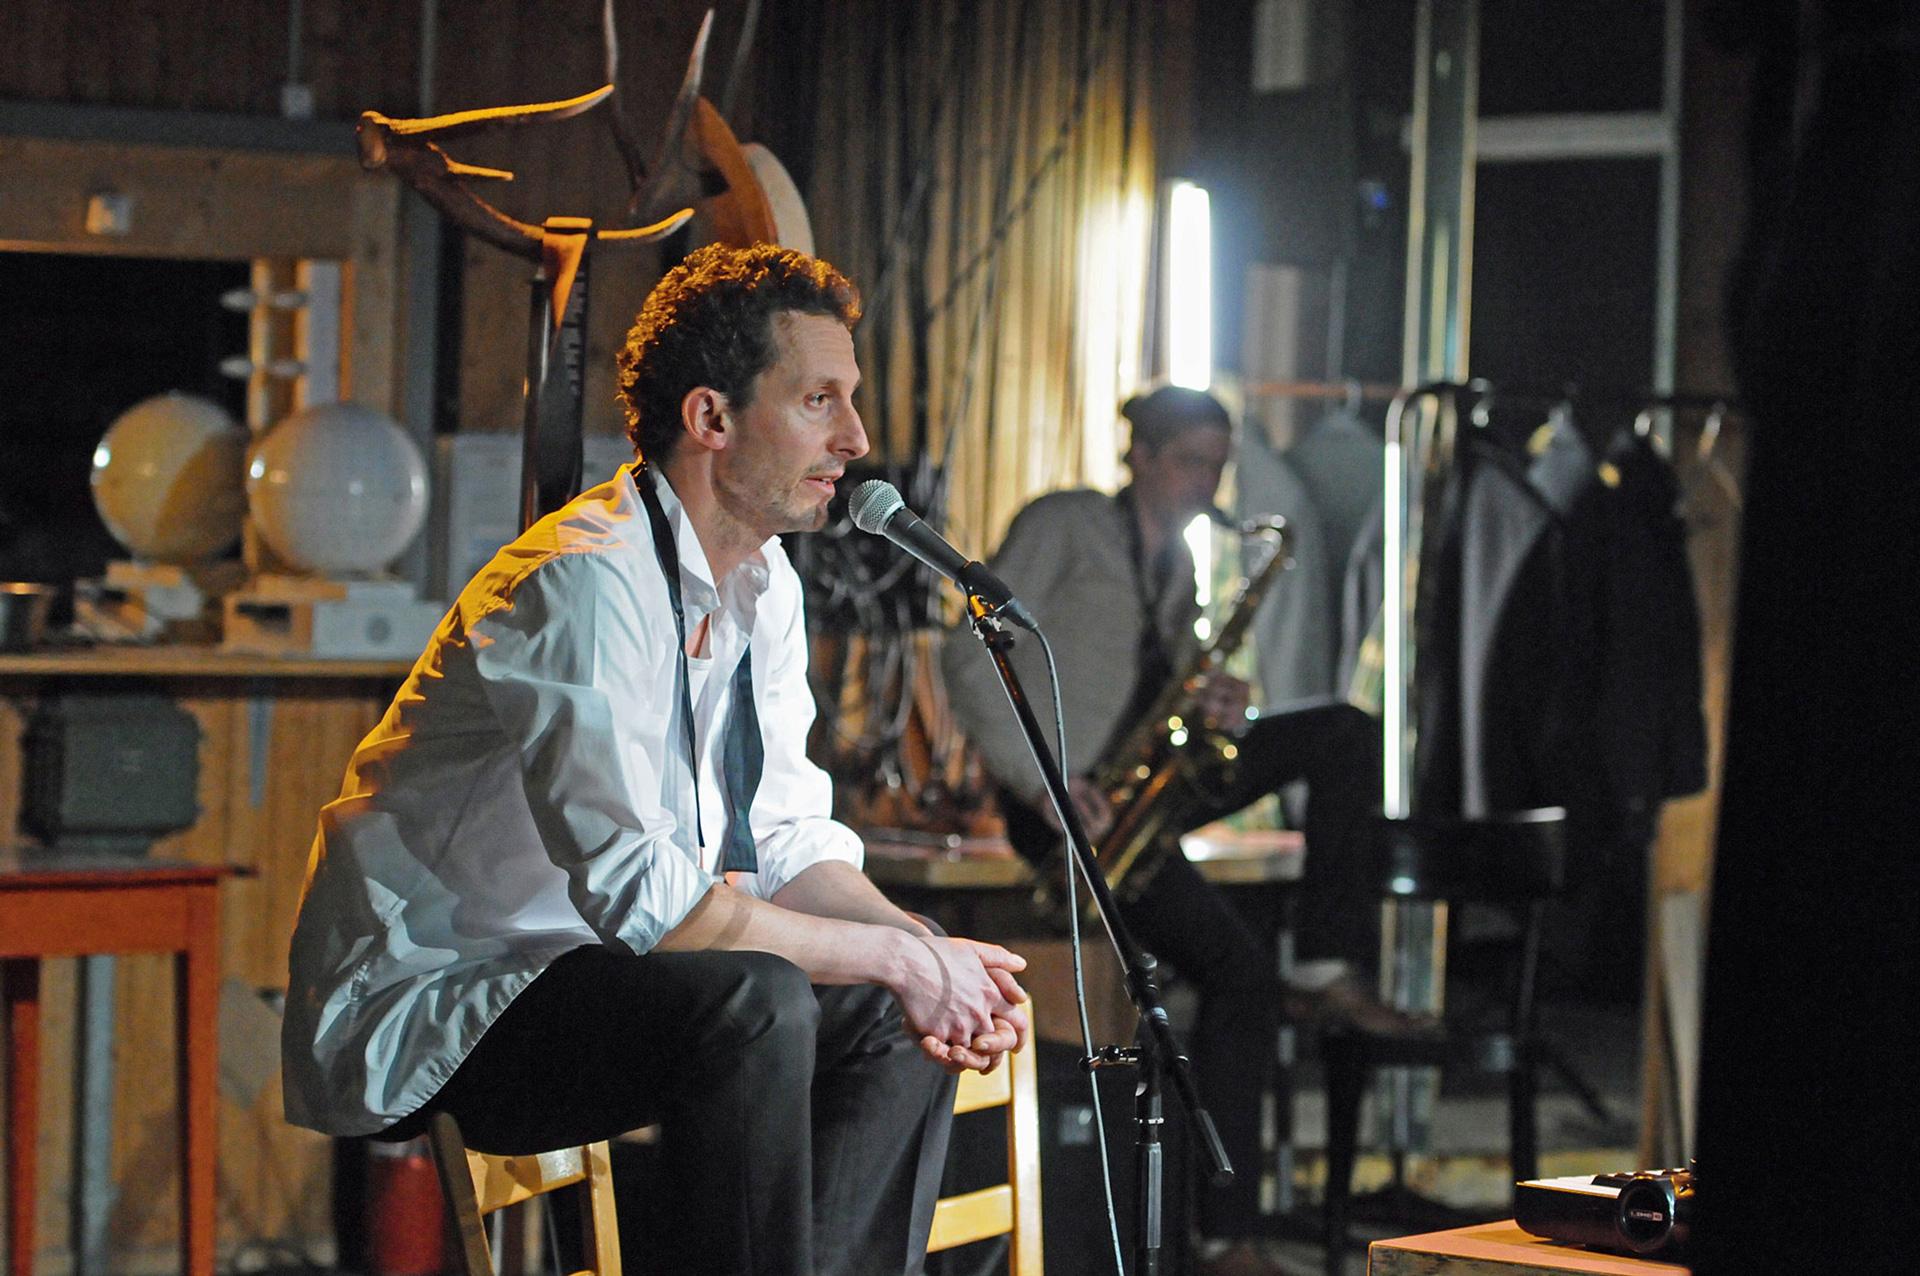 New Orleans von Jens Nielsen mit Peter Hottinger (der Mann) und Christian Käufeler (der Musiker) am 3. Mai 2019